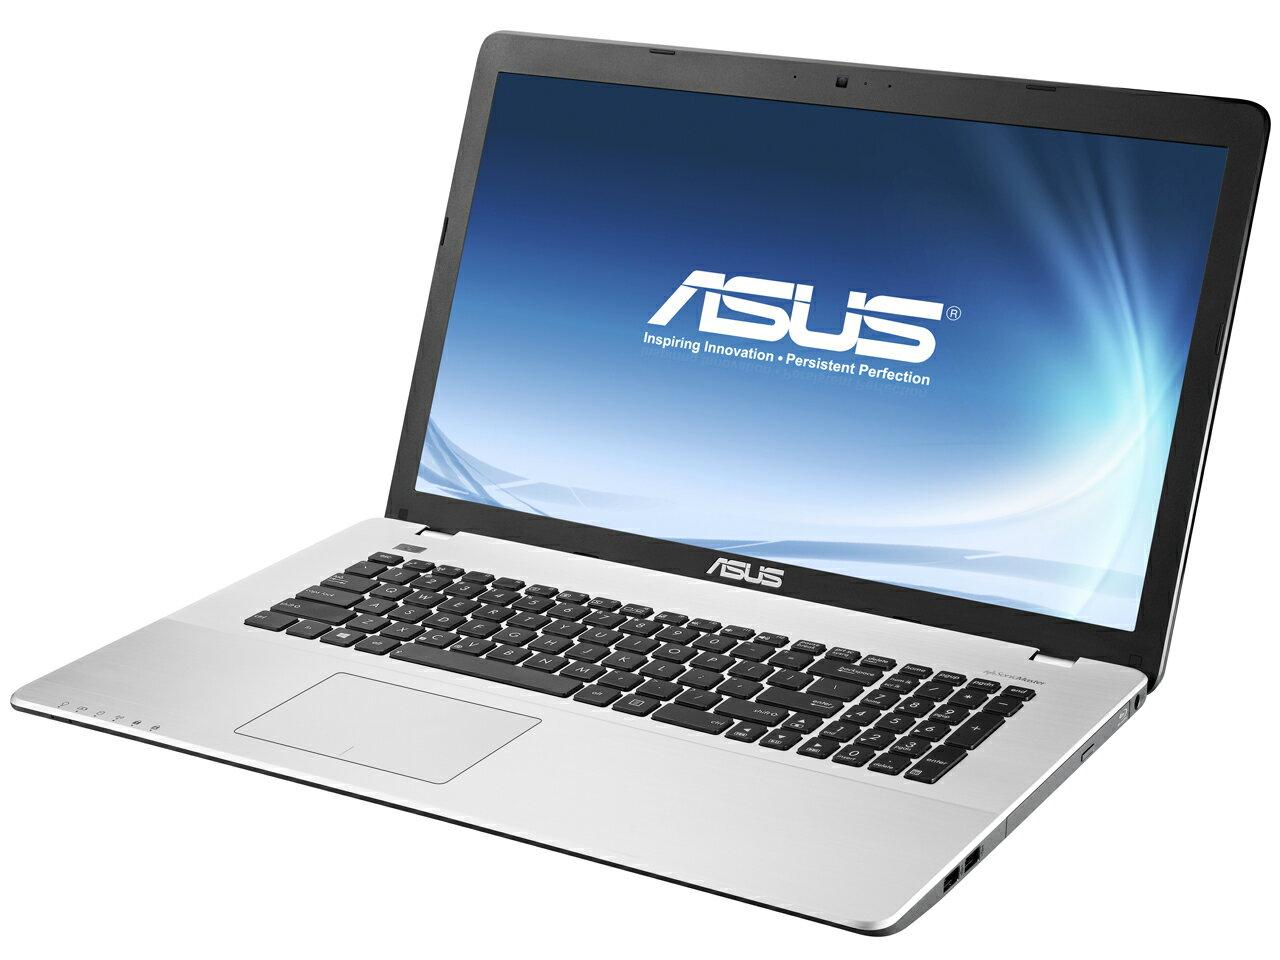 【送料無料】ASUS X750JB-TY030H X750JB[ノートパソコン 17.3型ワイド液晶 HDD1TB DVDスーパーマル...